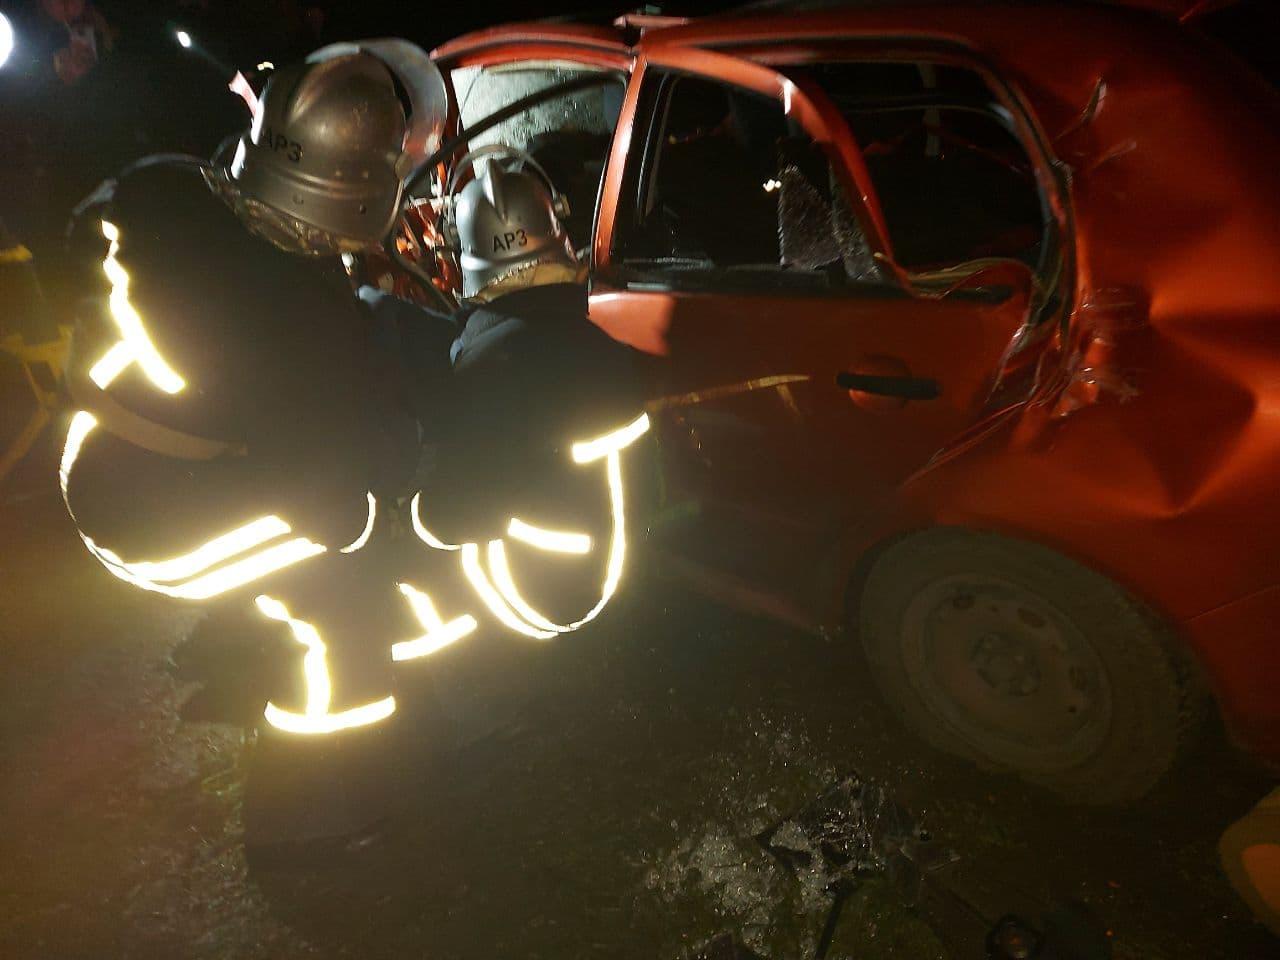 У Кропивницькому рaйоні рятувaльники деблокувaли водія з пошкодженої aвтівки (ФОТО)